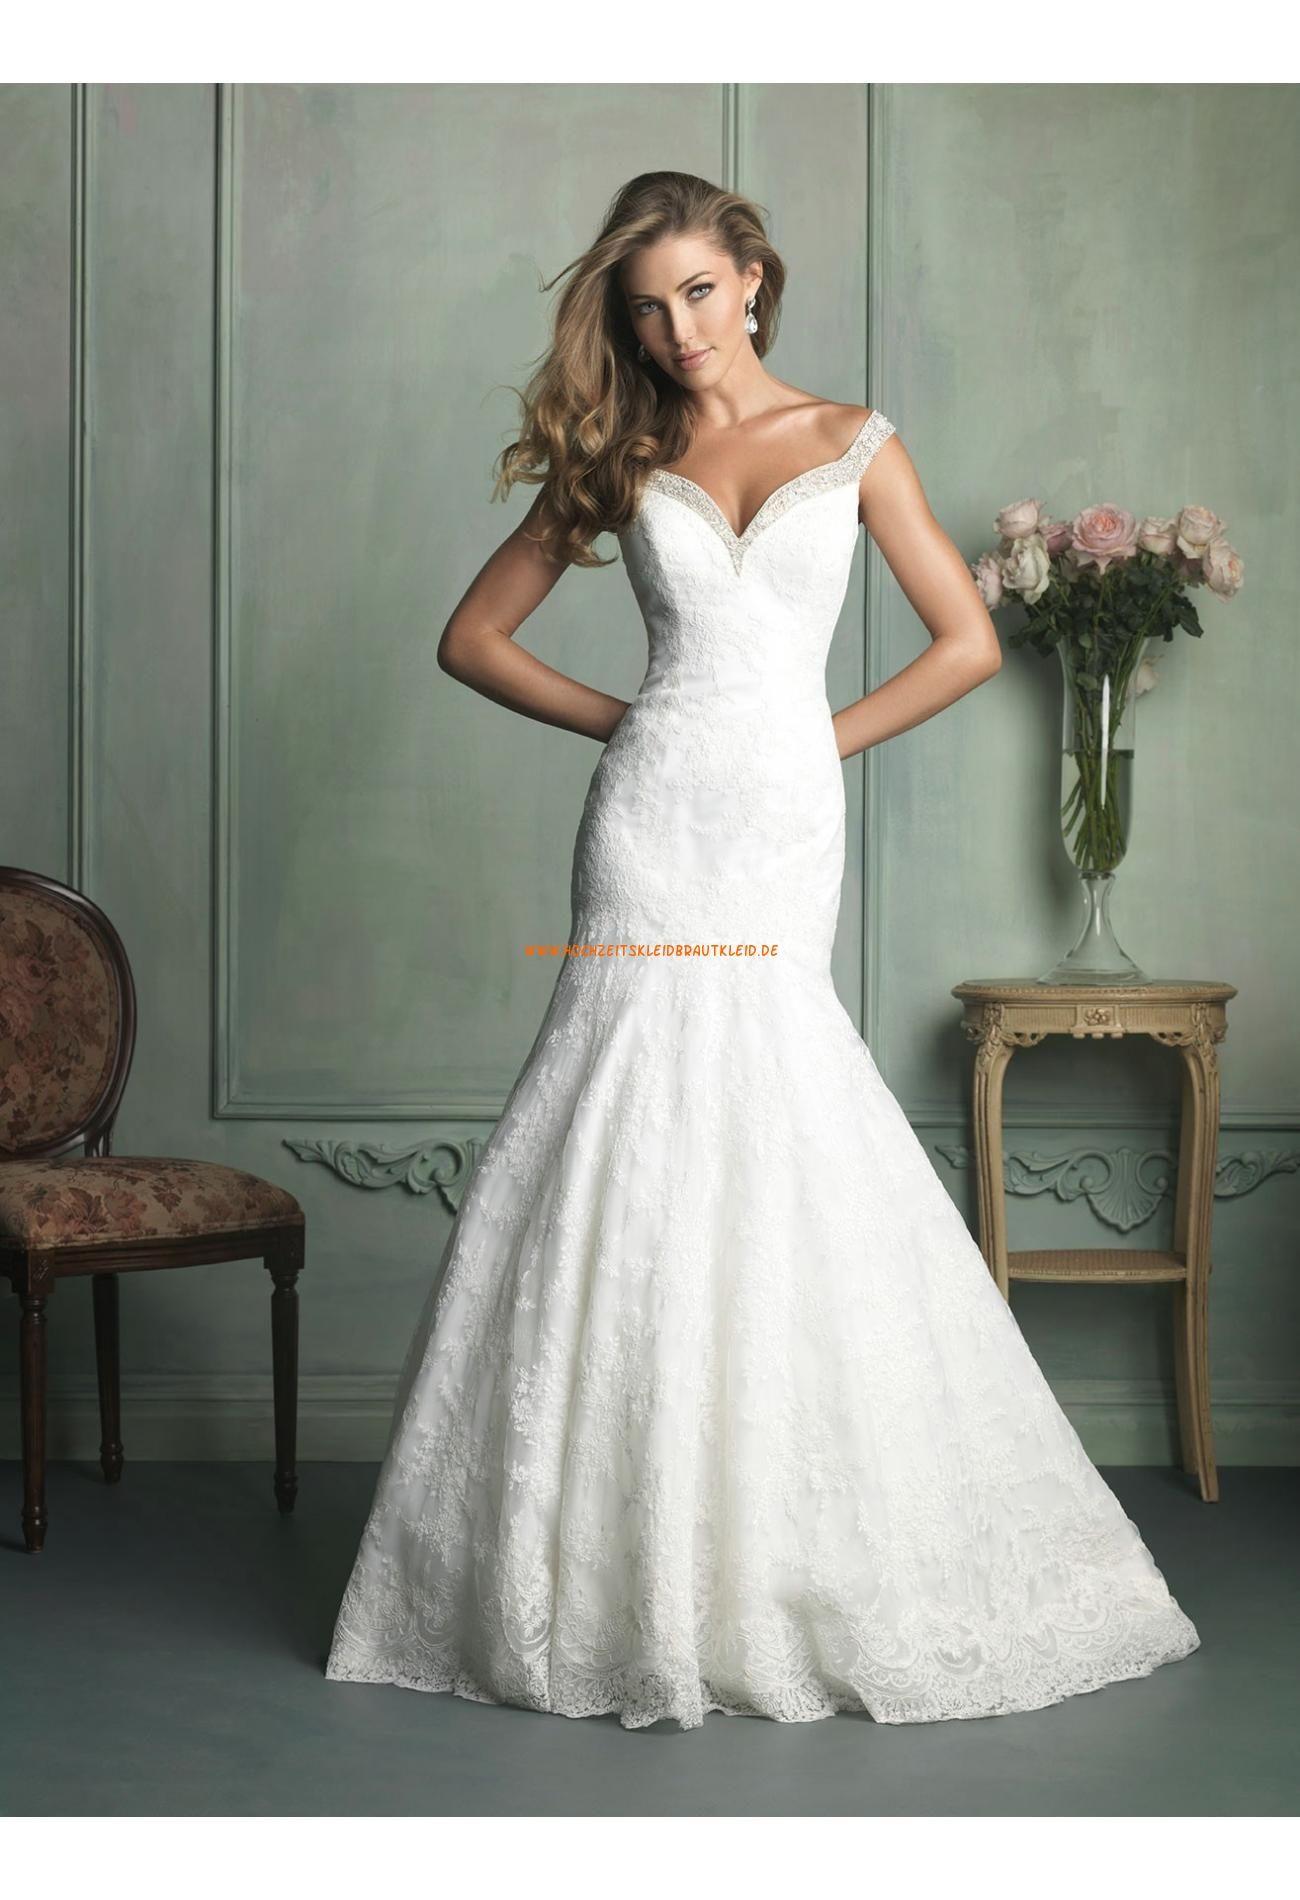 Chinese wedding dress rental los angeles  Meerjungfrau Modische Brautkleider  aus Spitze  Mode